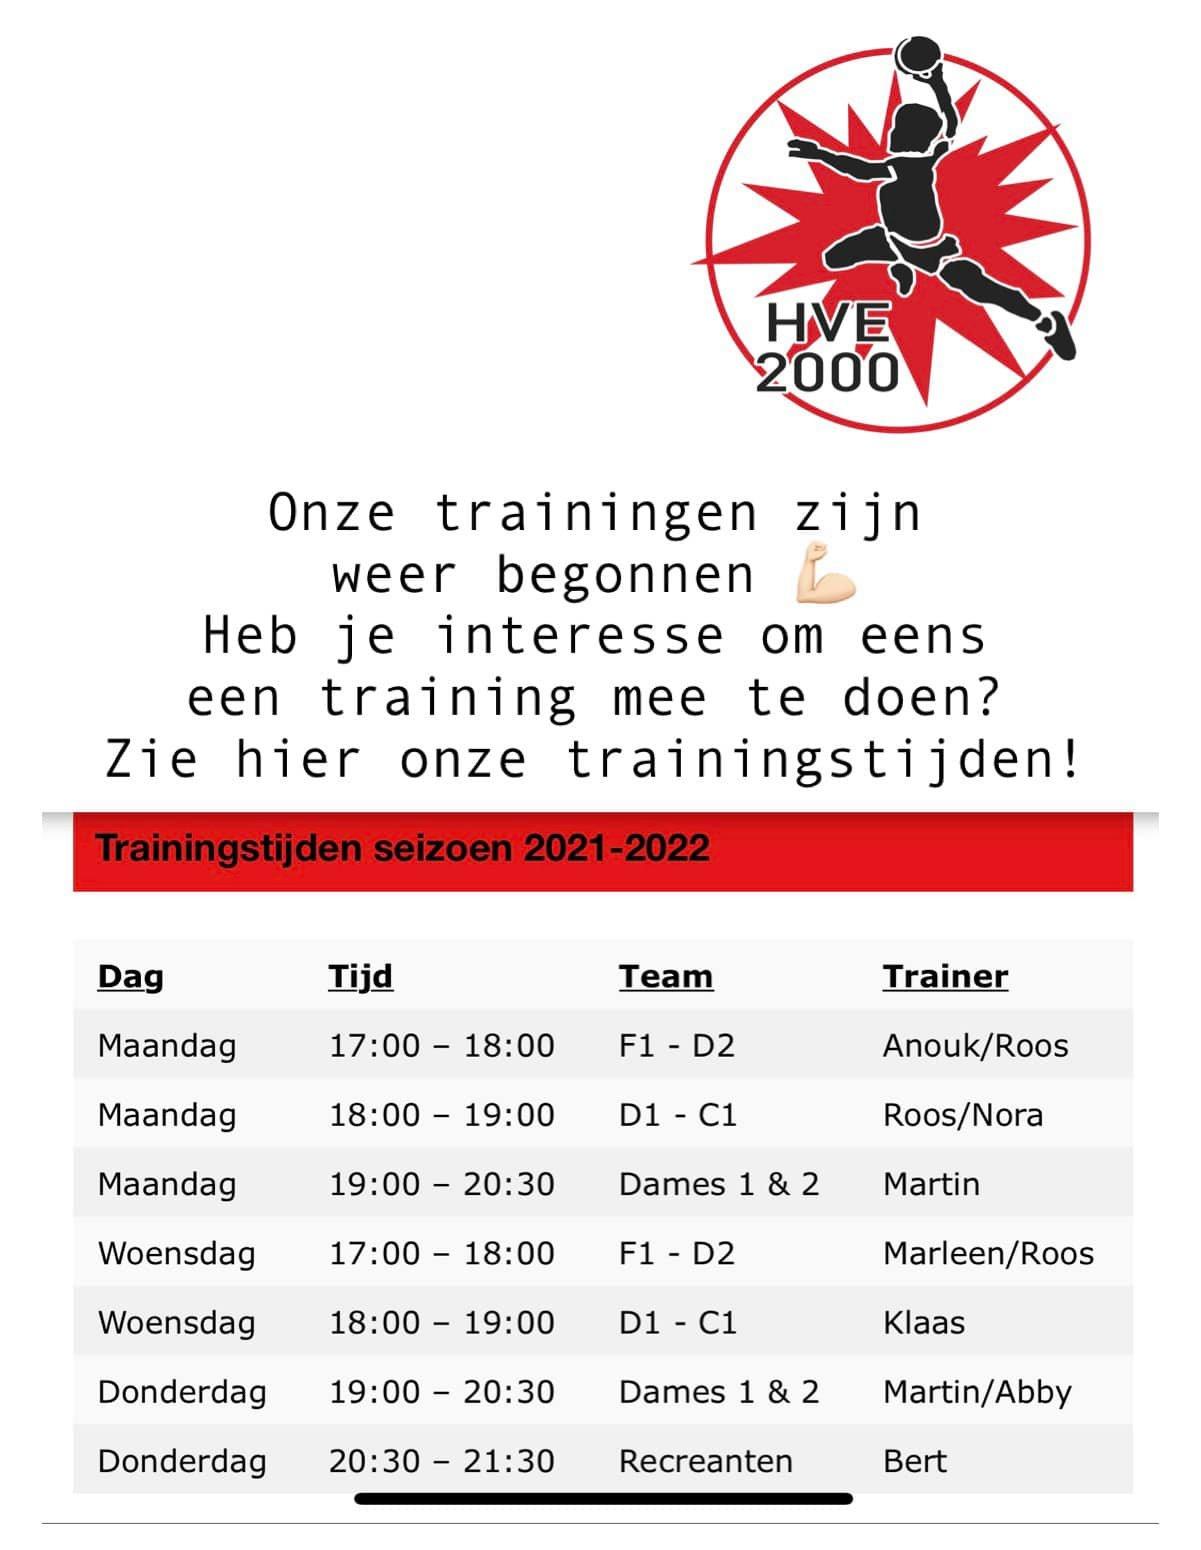 Onze trainingen zijn weer begonnen!